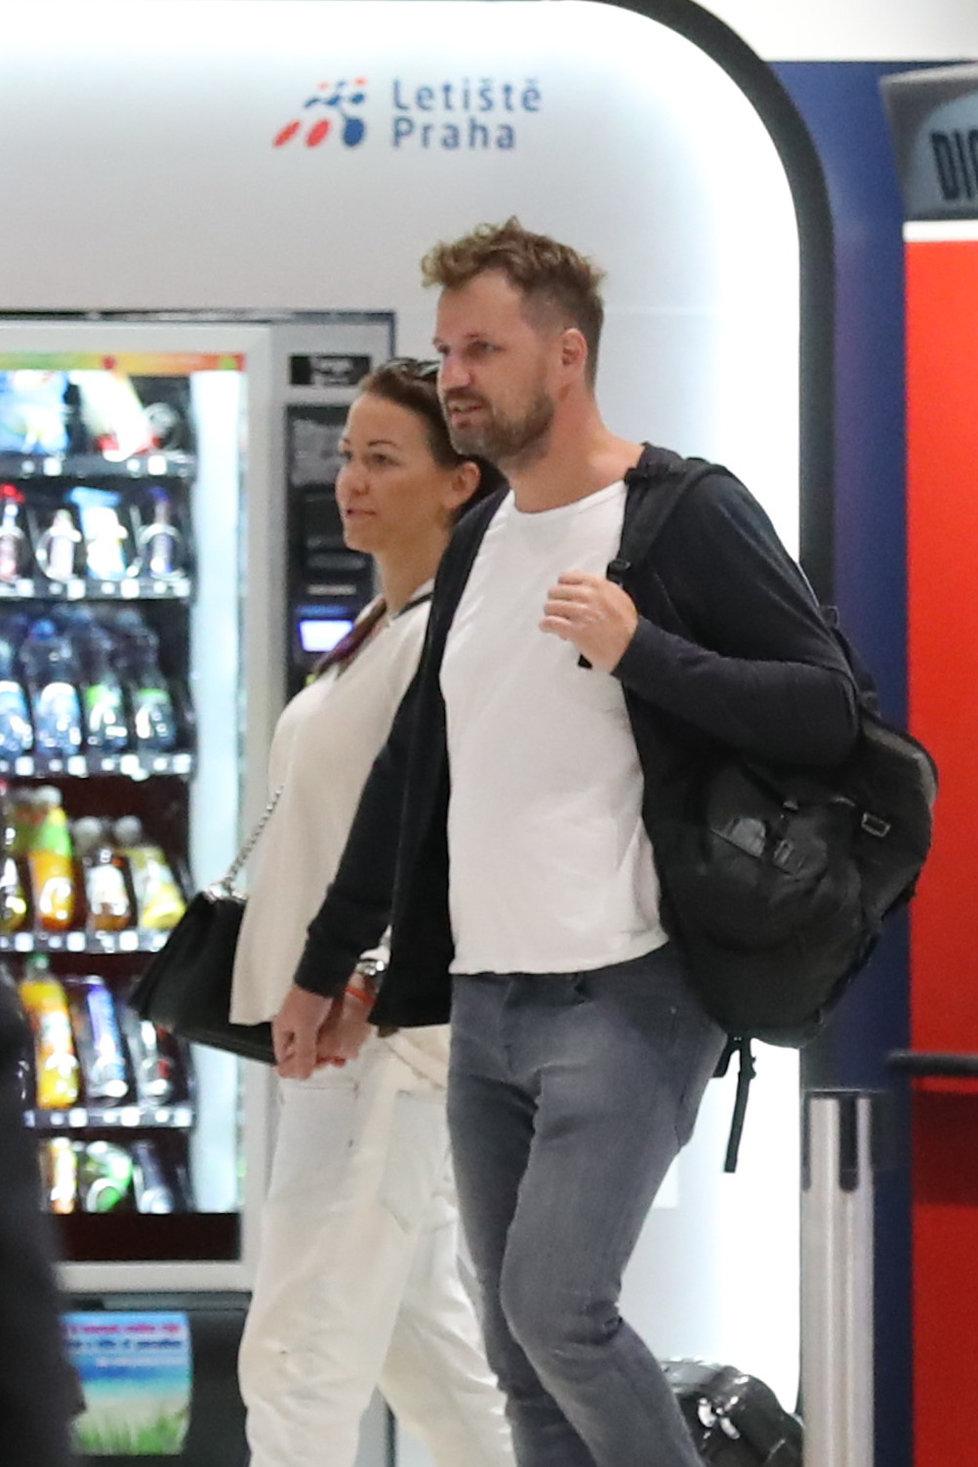 Agáta Prachařová s přítelem Tomášem na letišti chodili bez roušek